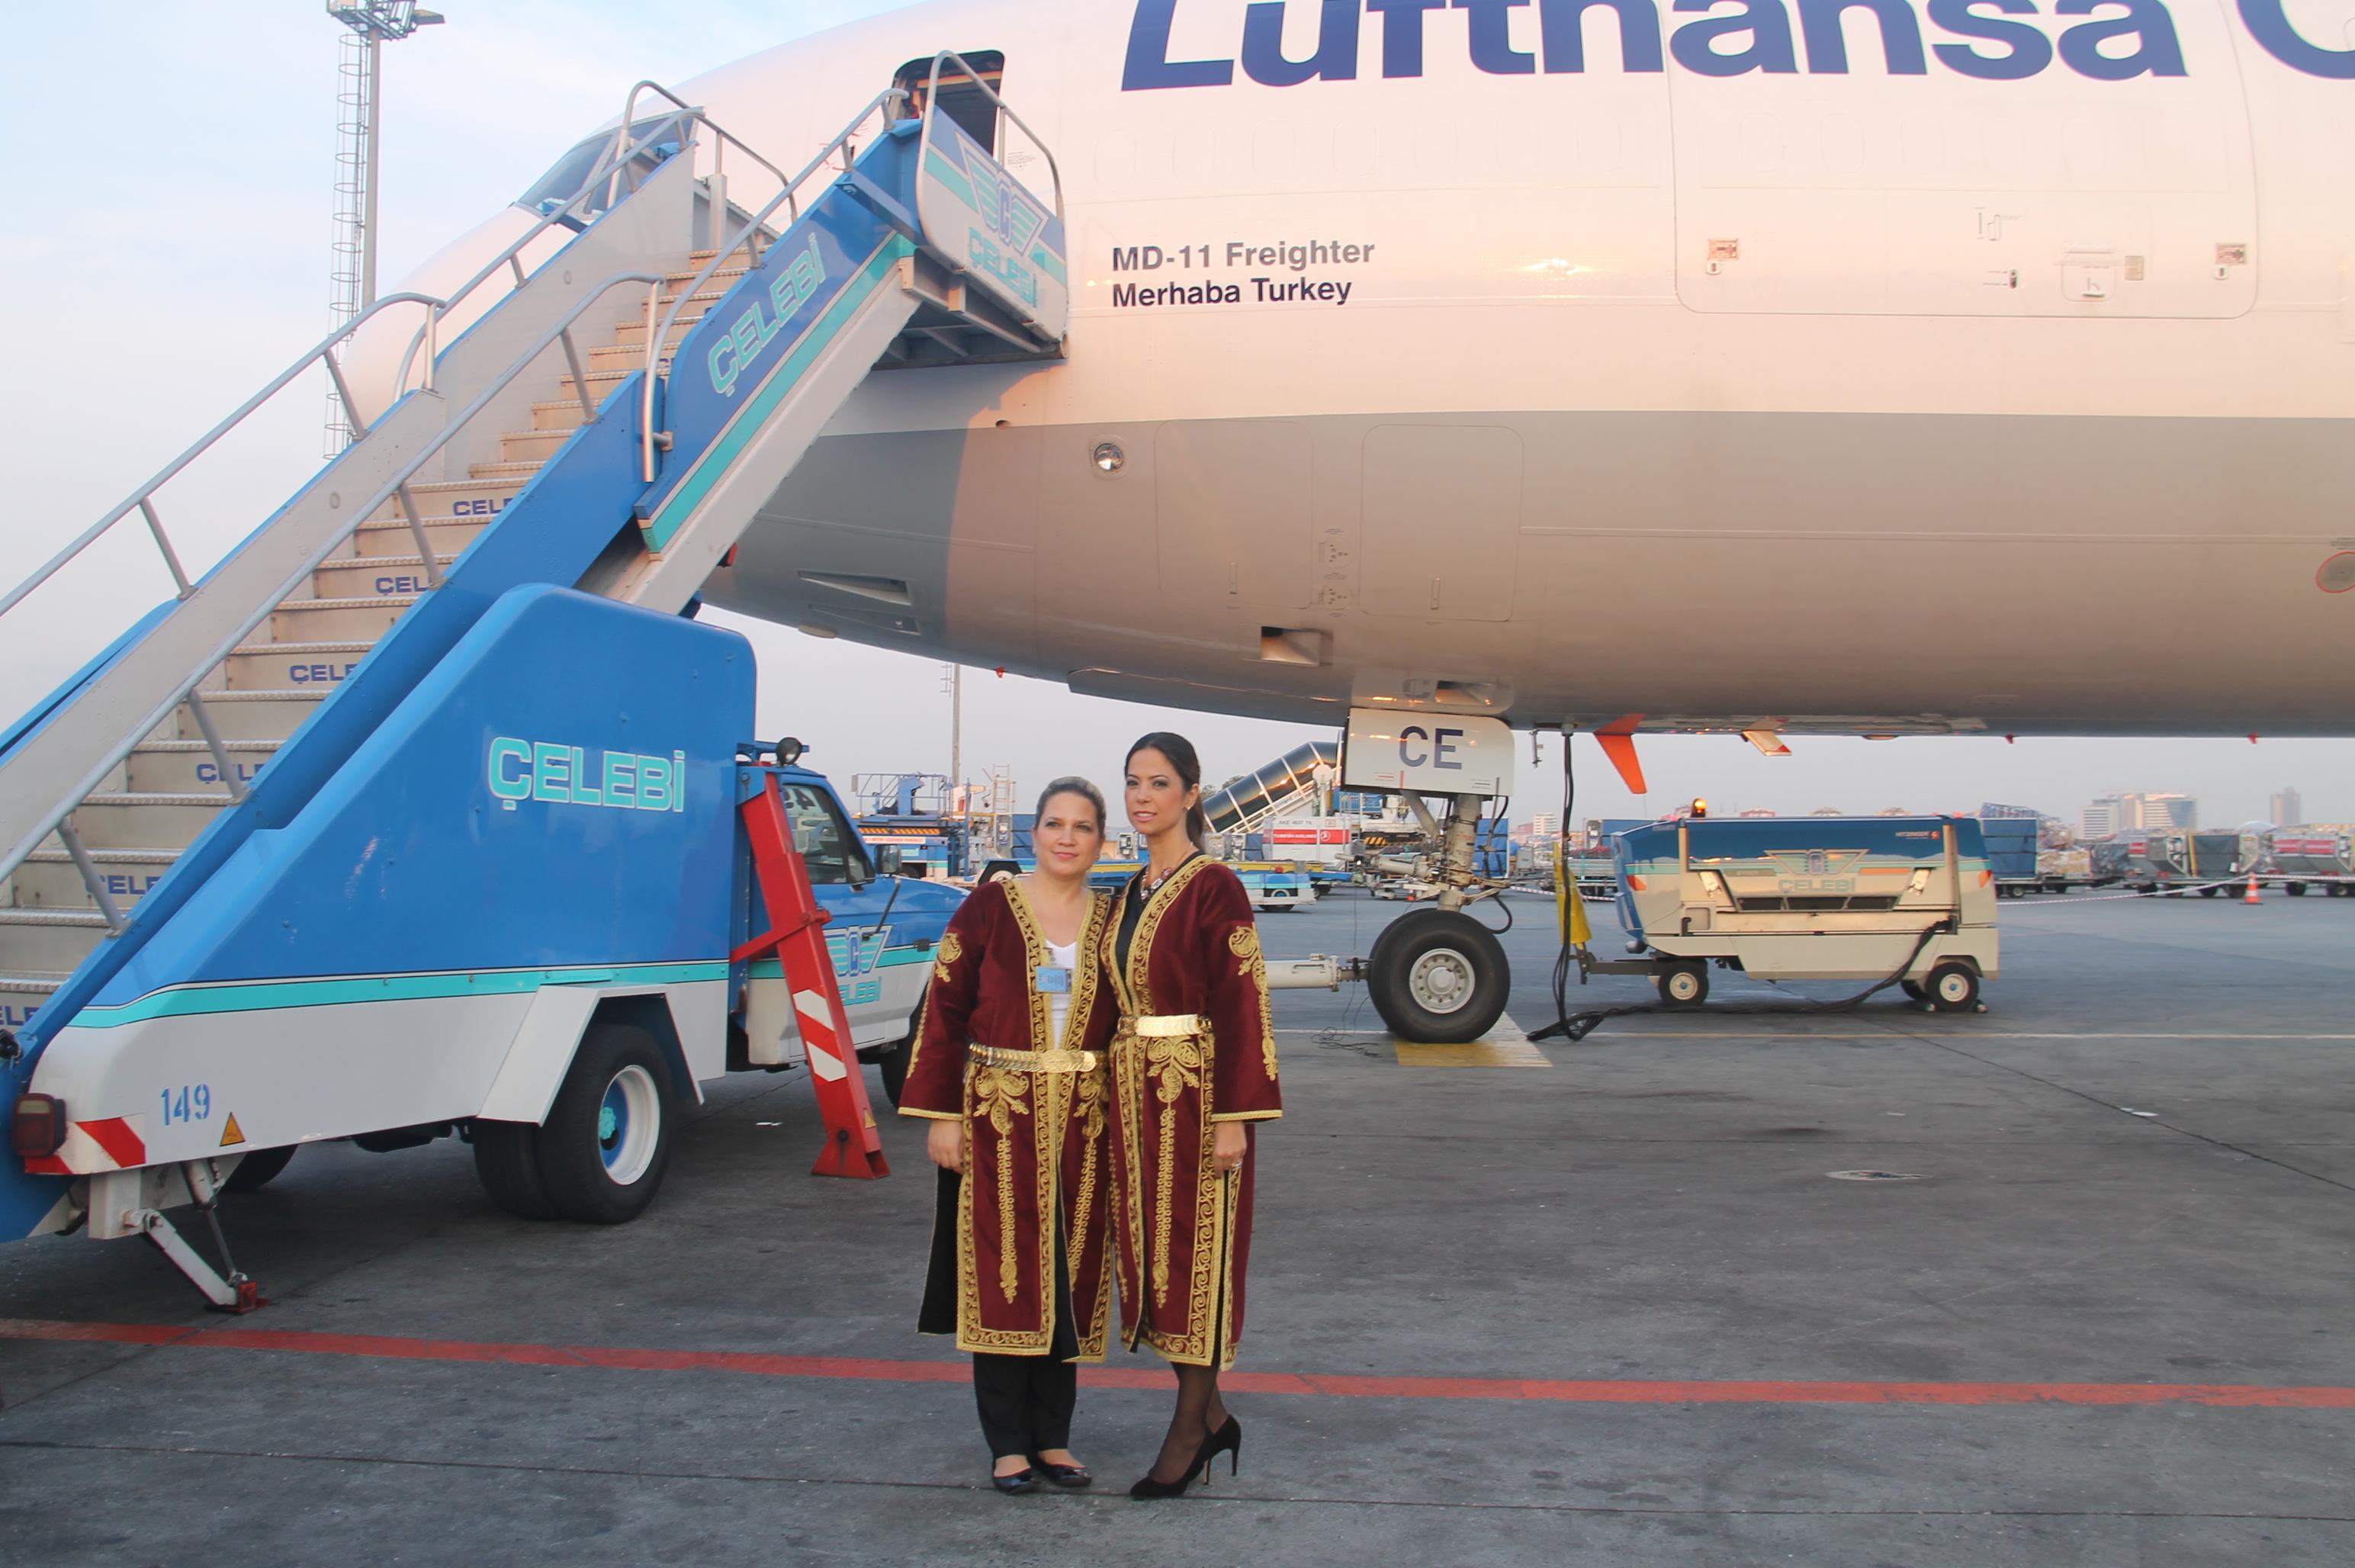 Lufthansa'nın yeni kargo uçağı Merhaba Turkey galerisi resim 4